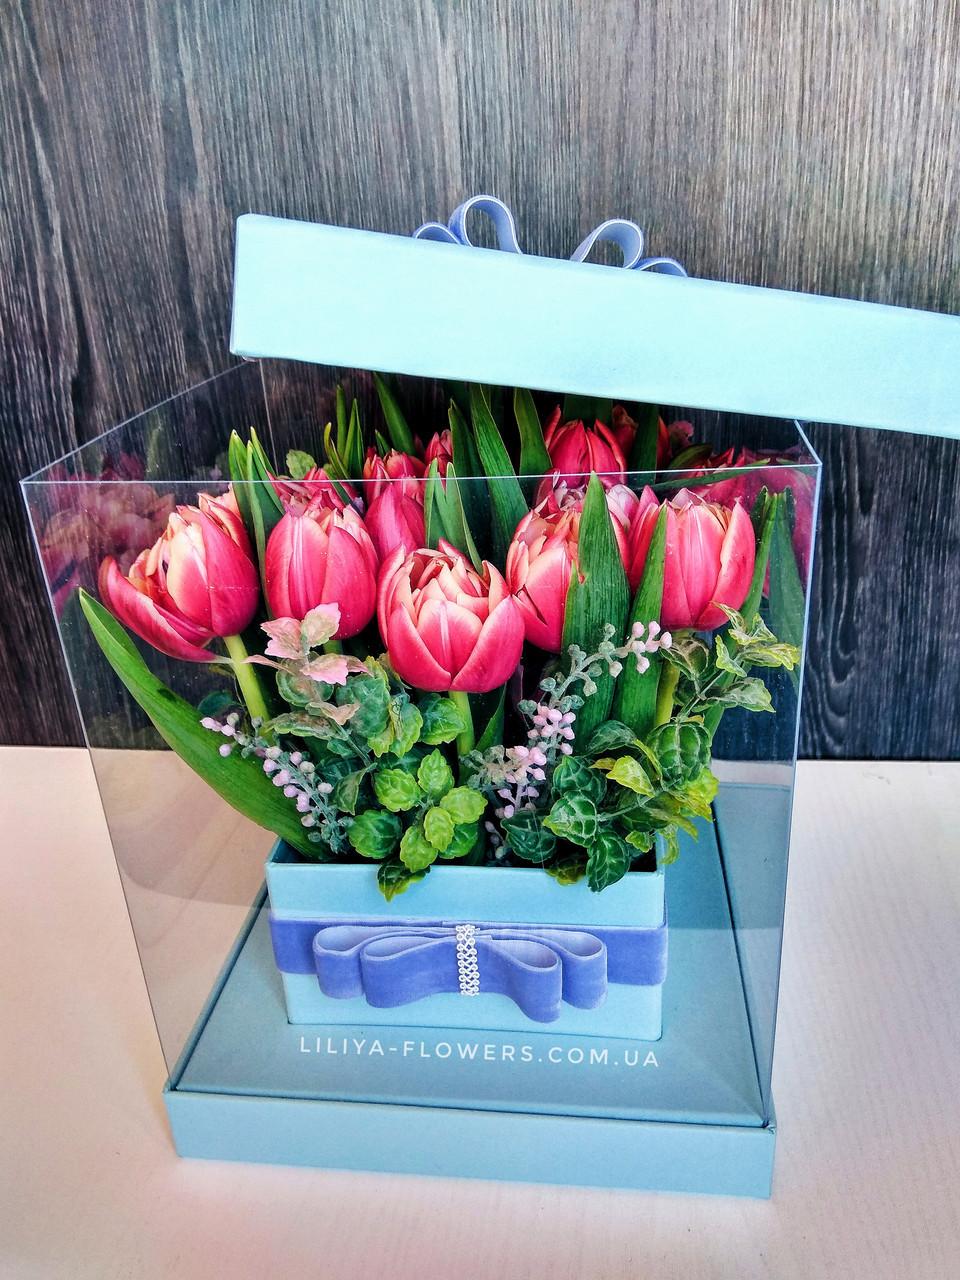 """Букет 19 тюльпанов в коробке """"Пушистые тюльпаны"""""""